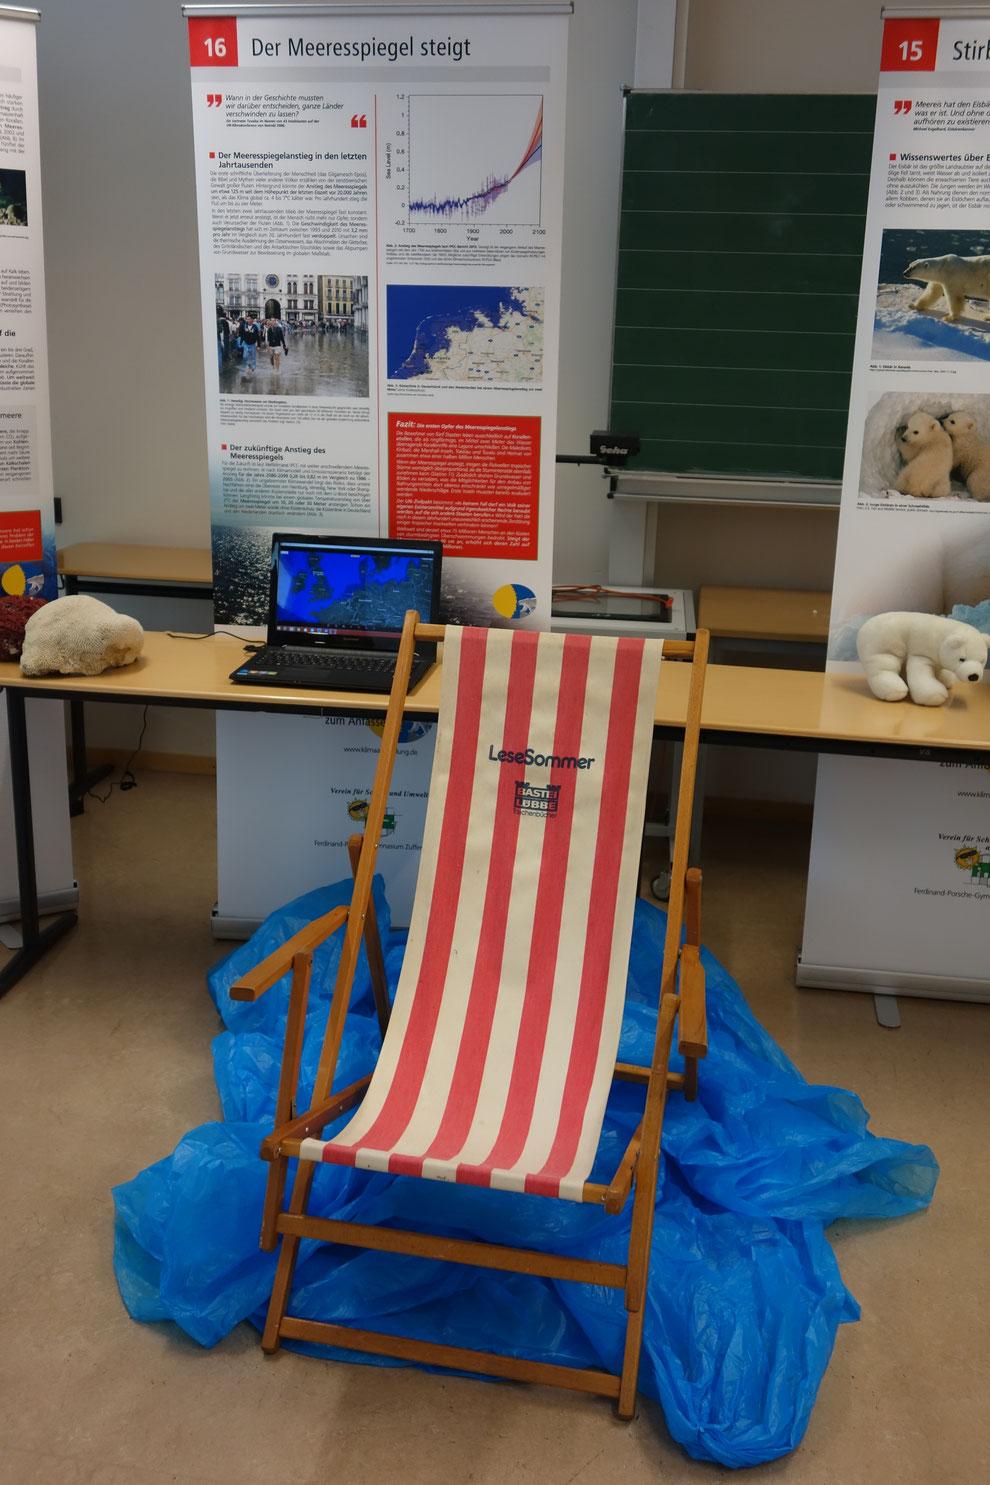 Installation zum Meeresspiegelanstieg